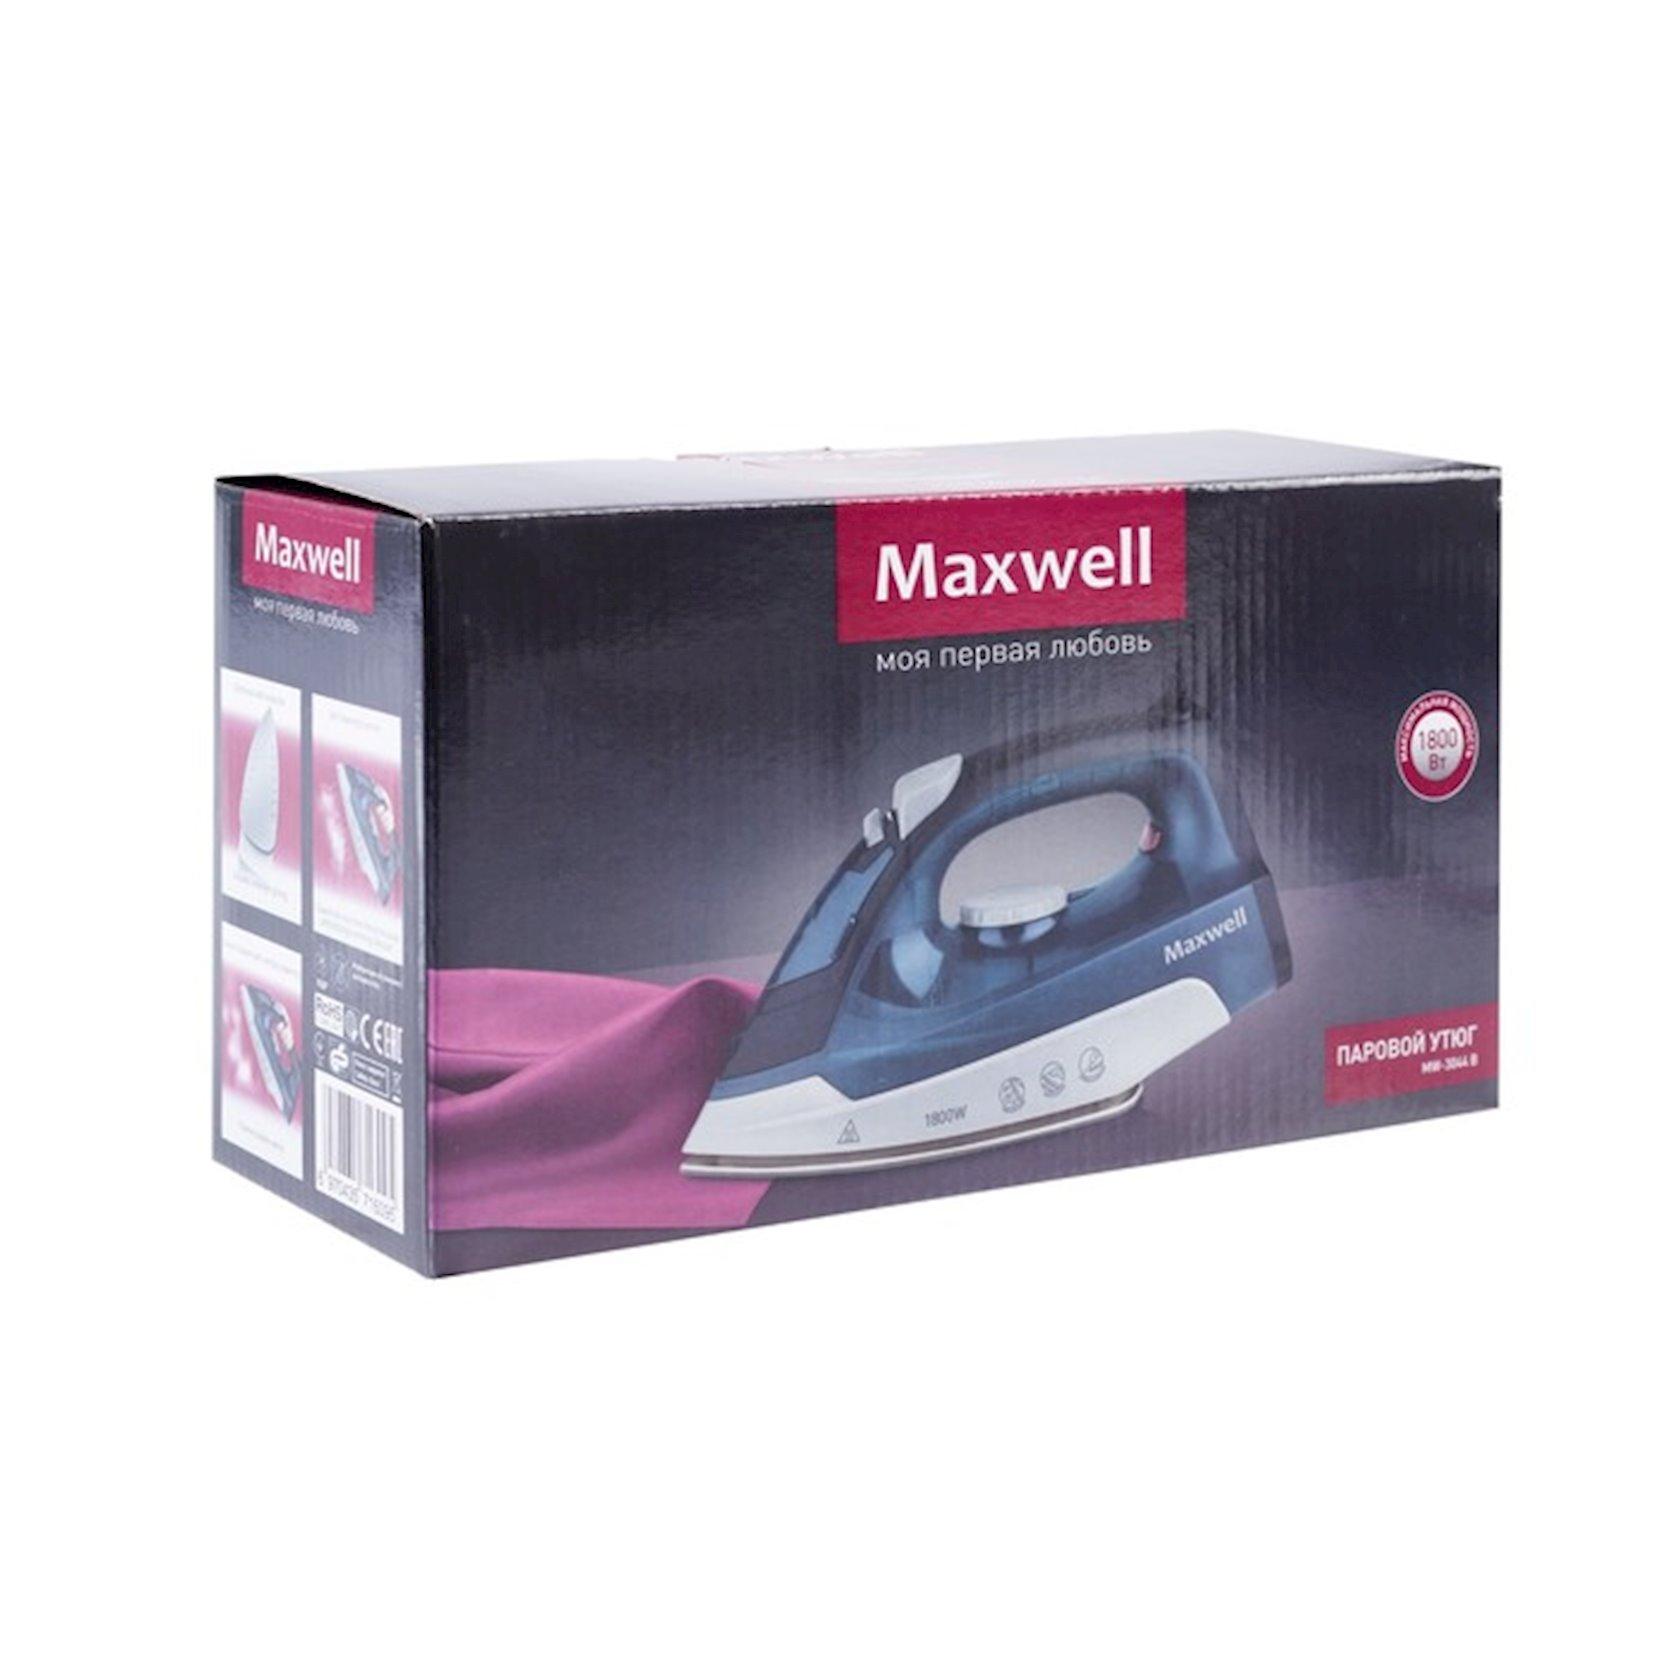 Ütü Maxwell MW-3044 B